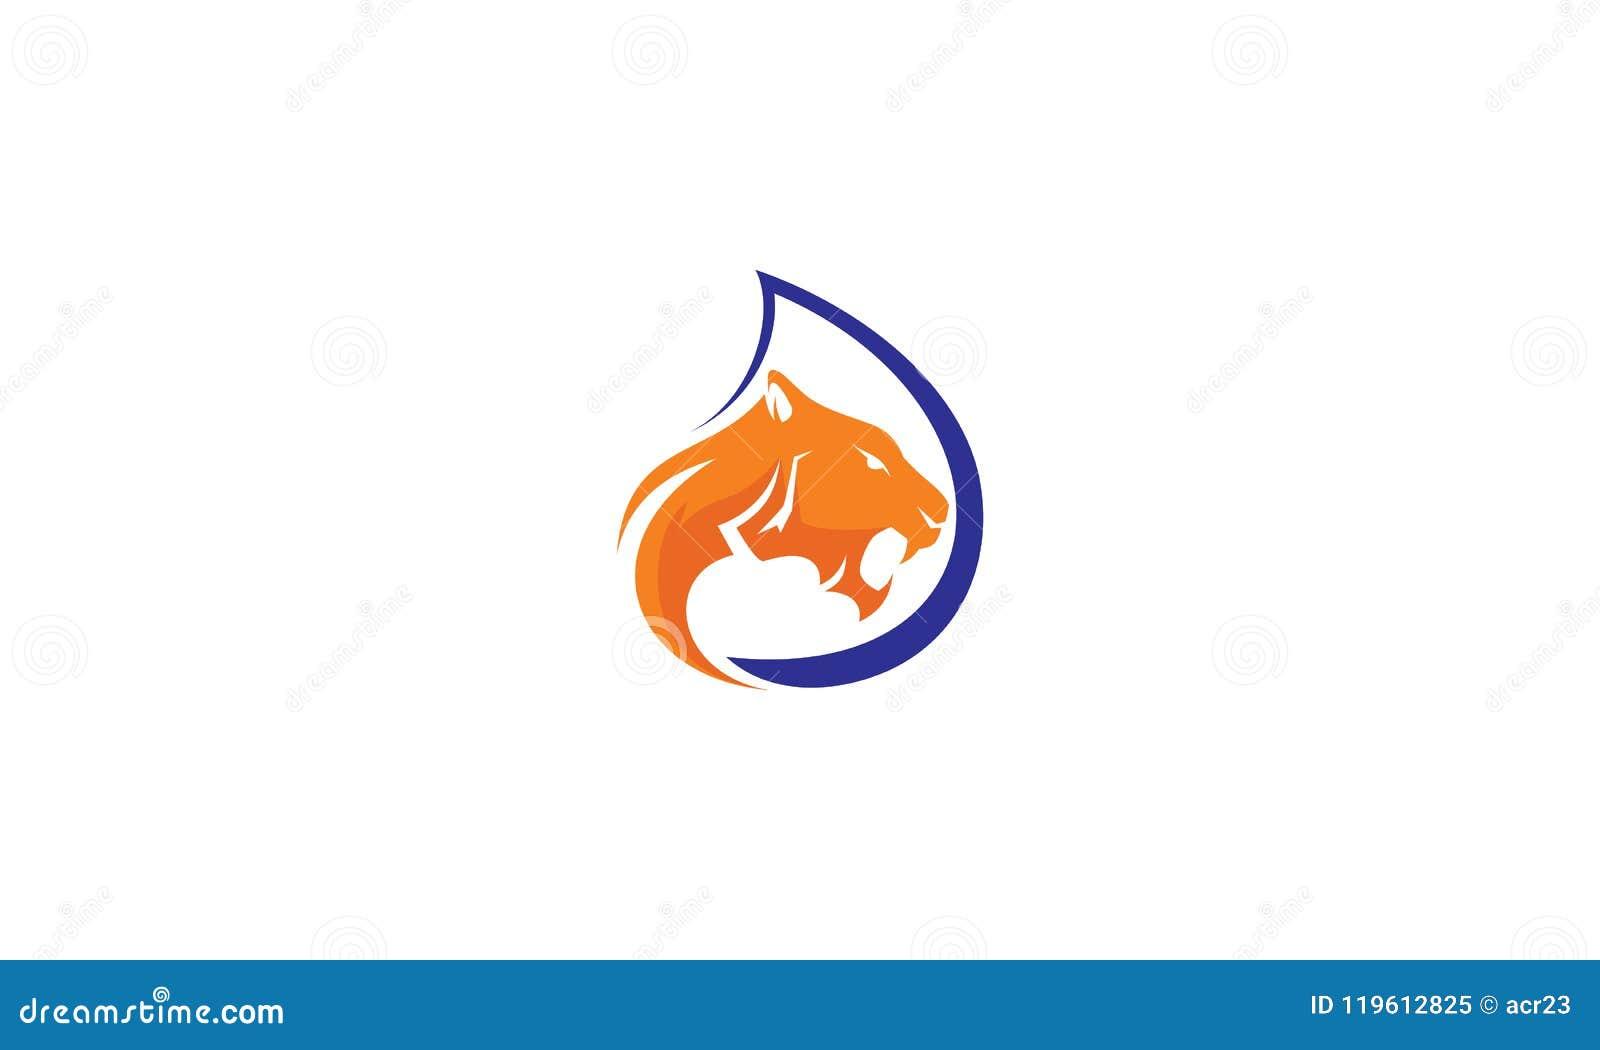 Tiger water logo vector icon